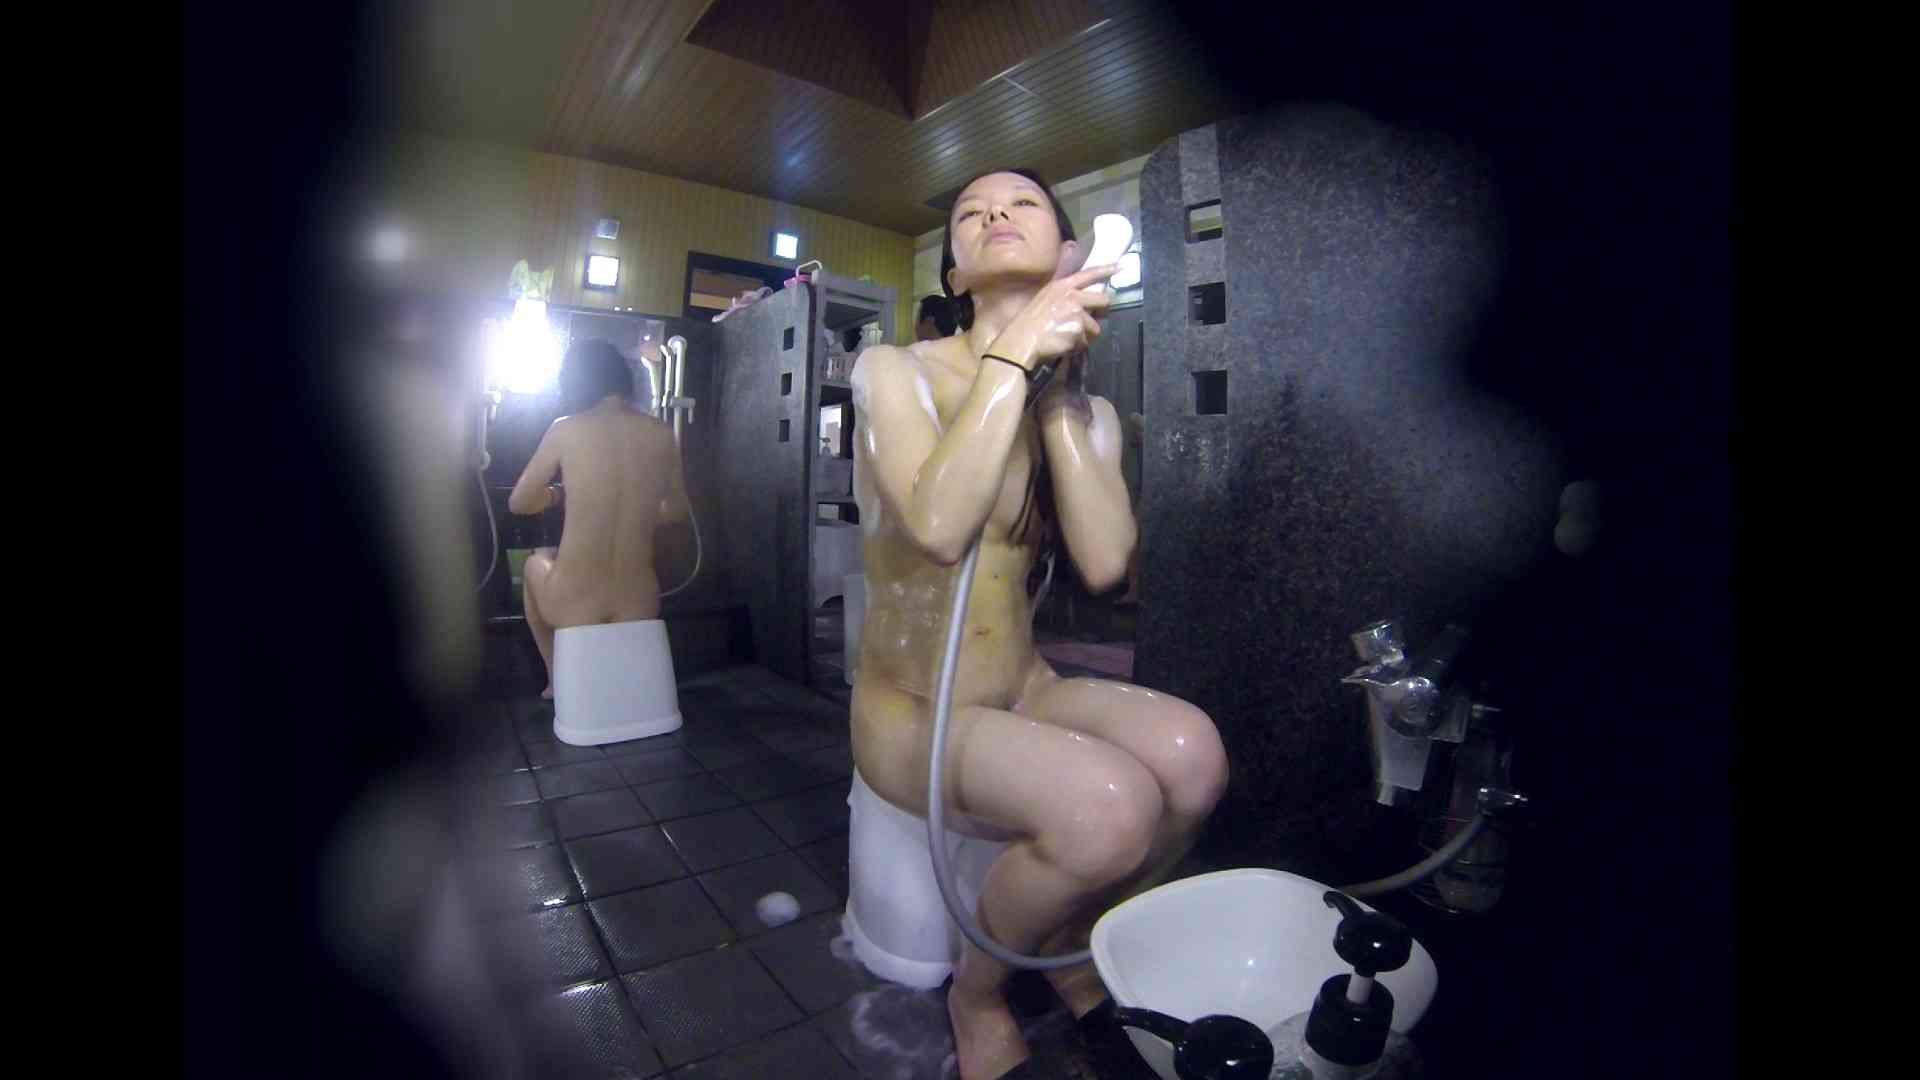 洗い場!可愛い?ブサイク?確かなのは貧乳であること 銭湯着替え AV無料動画キャプチャ 61画像 53